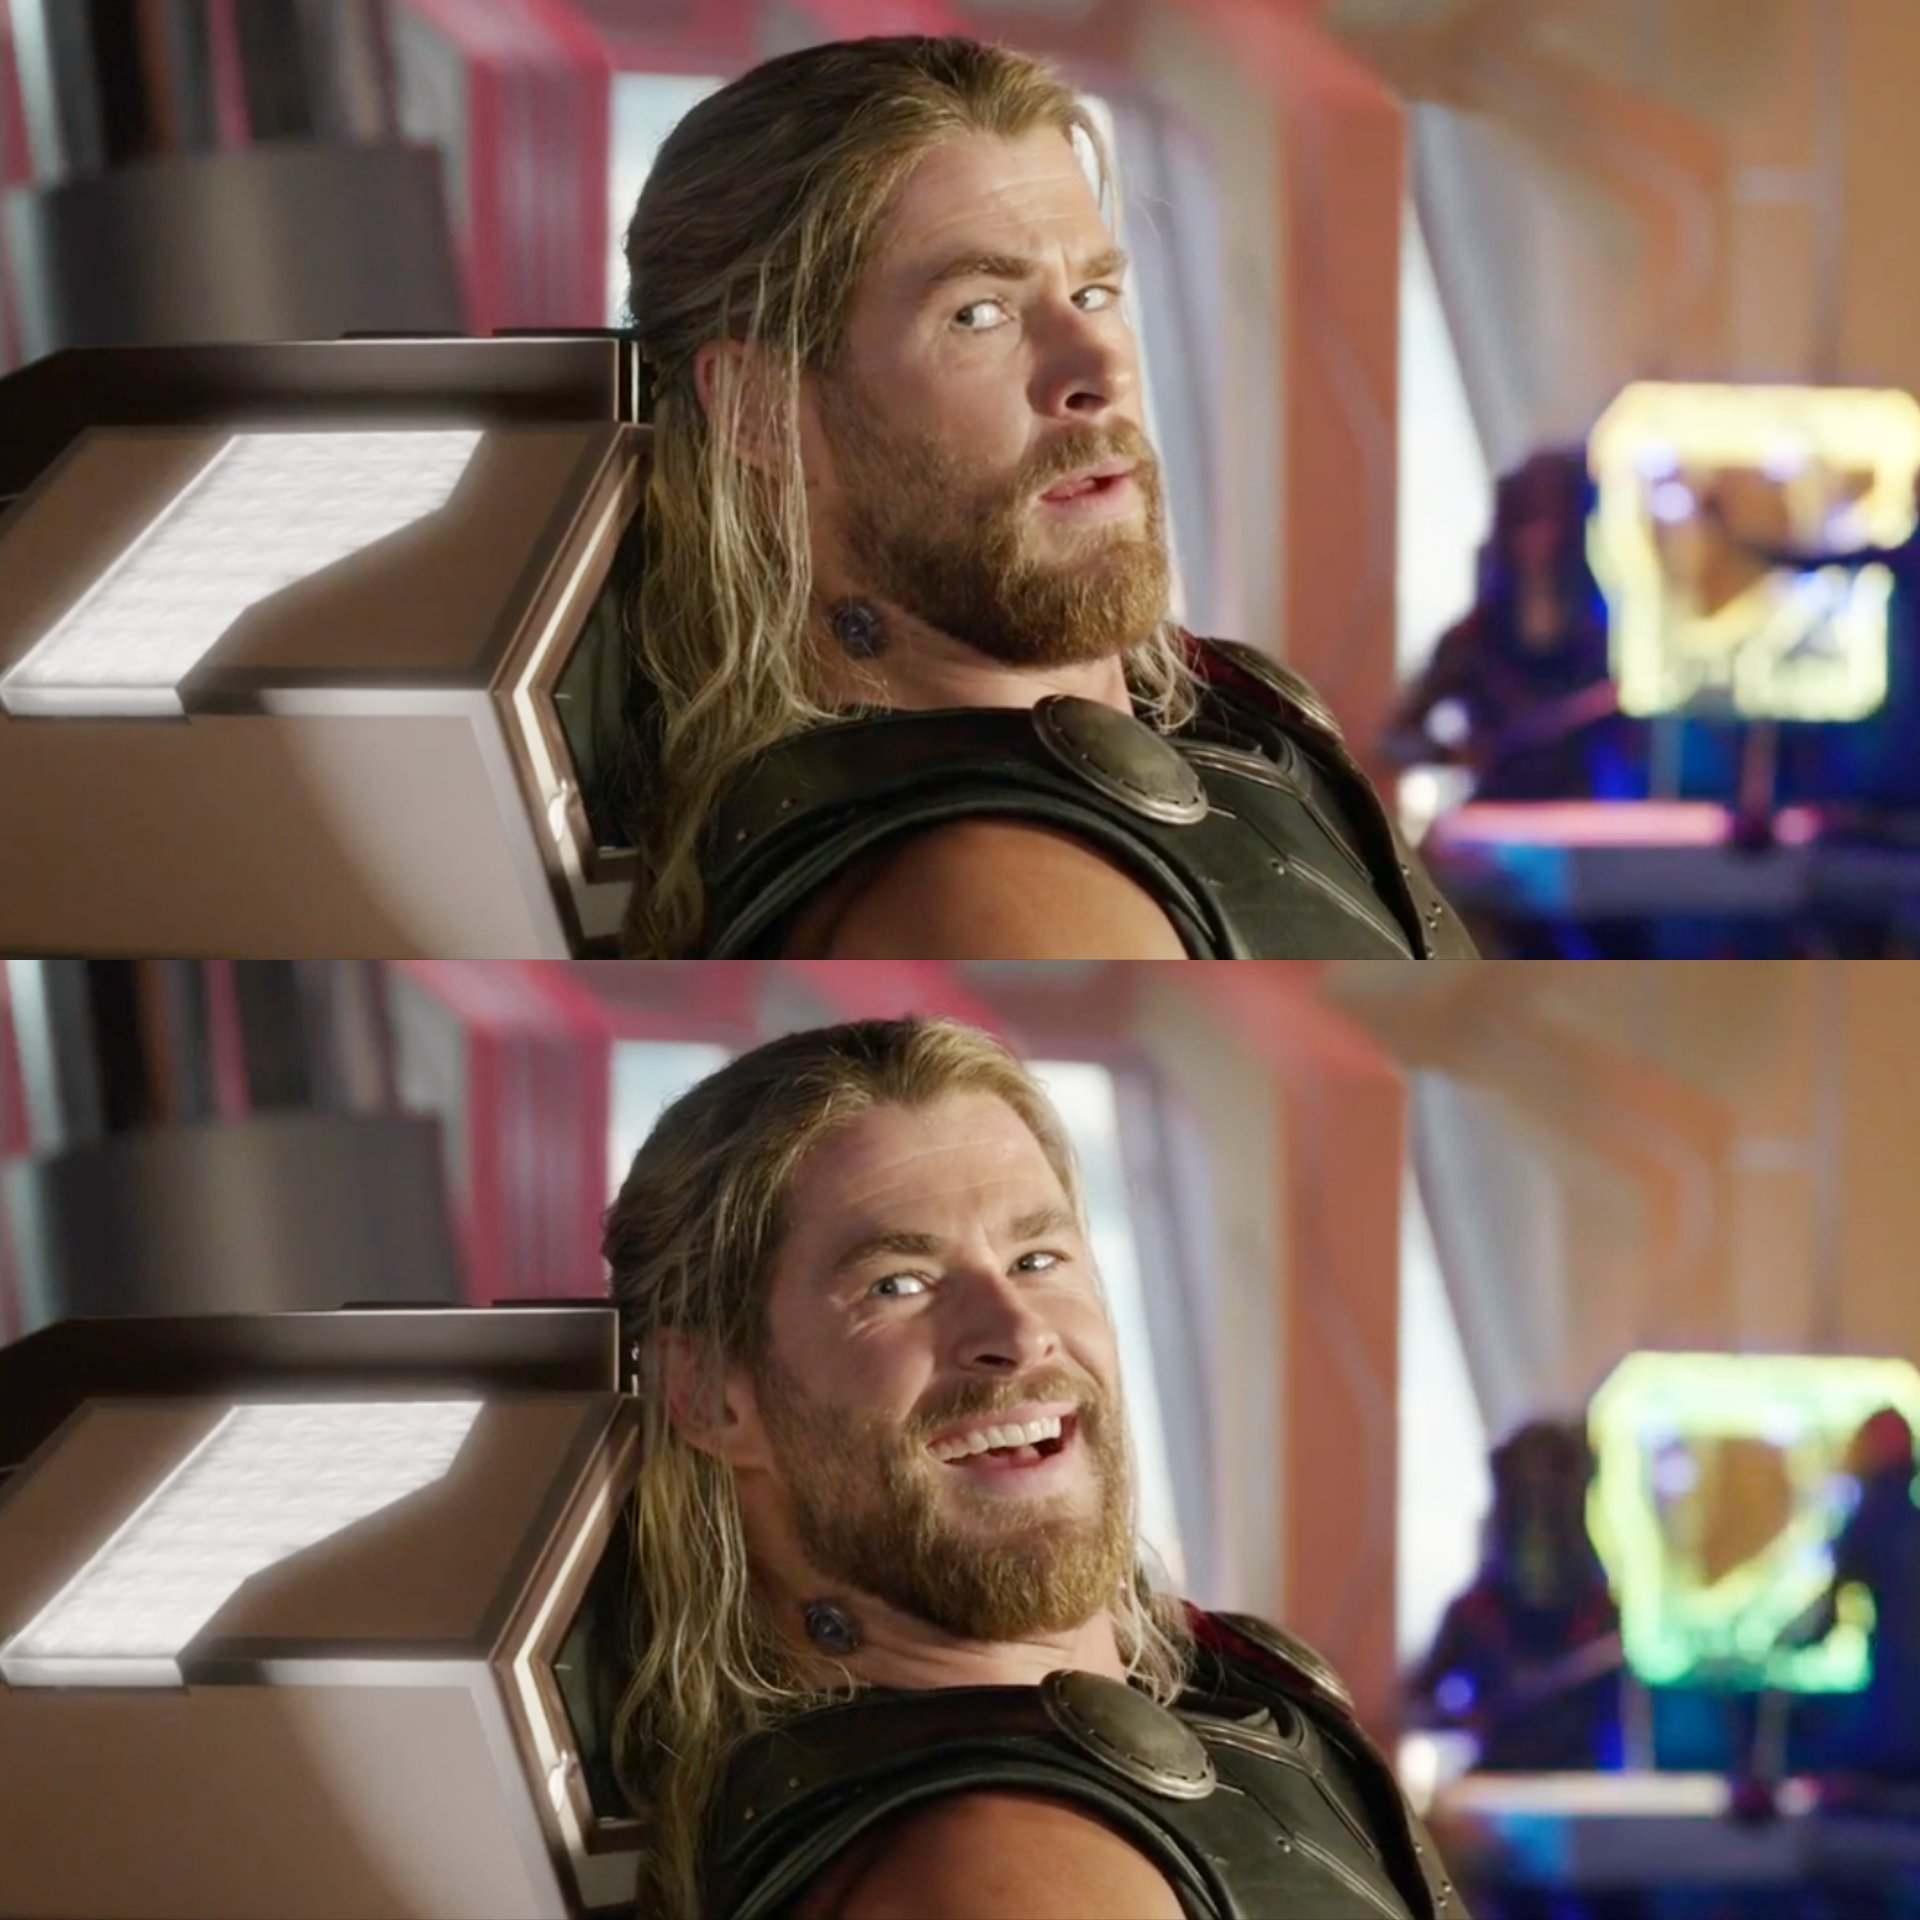 thor avengers scene meme template